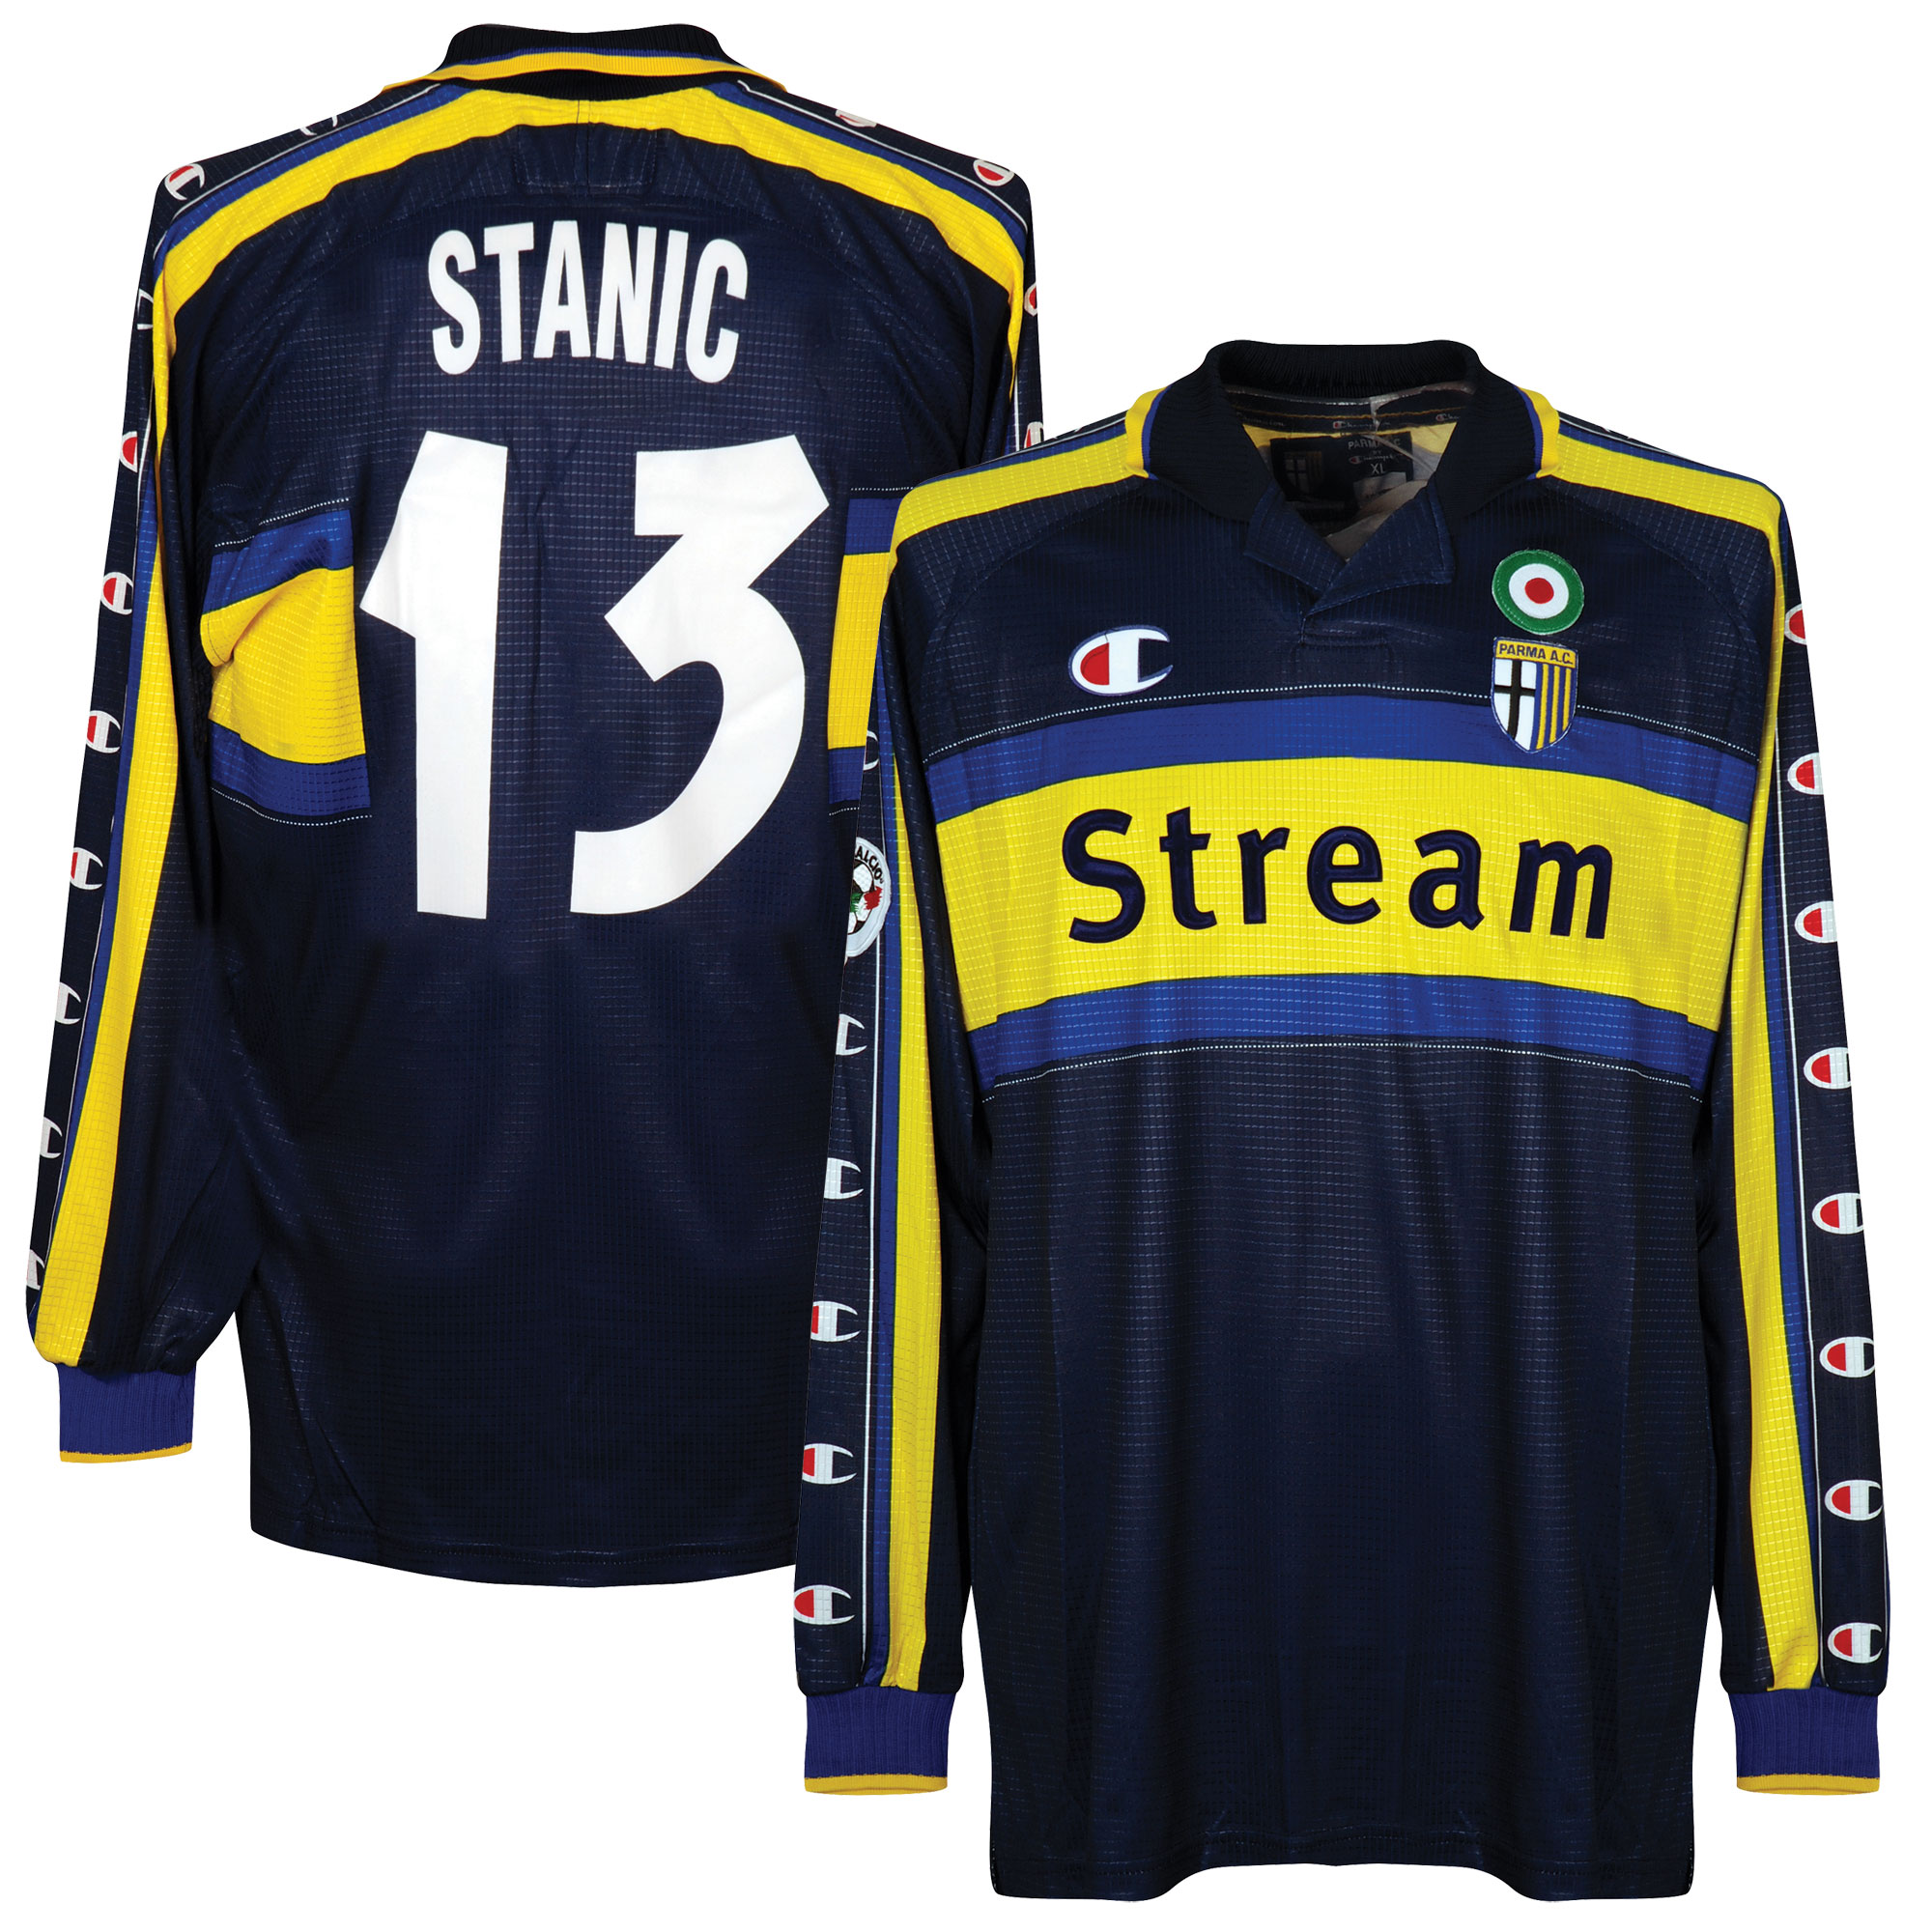 Retro Parma Shirt